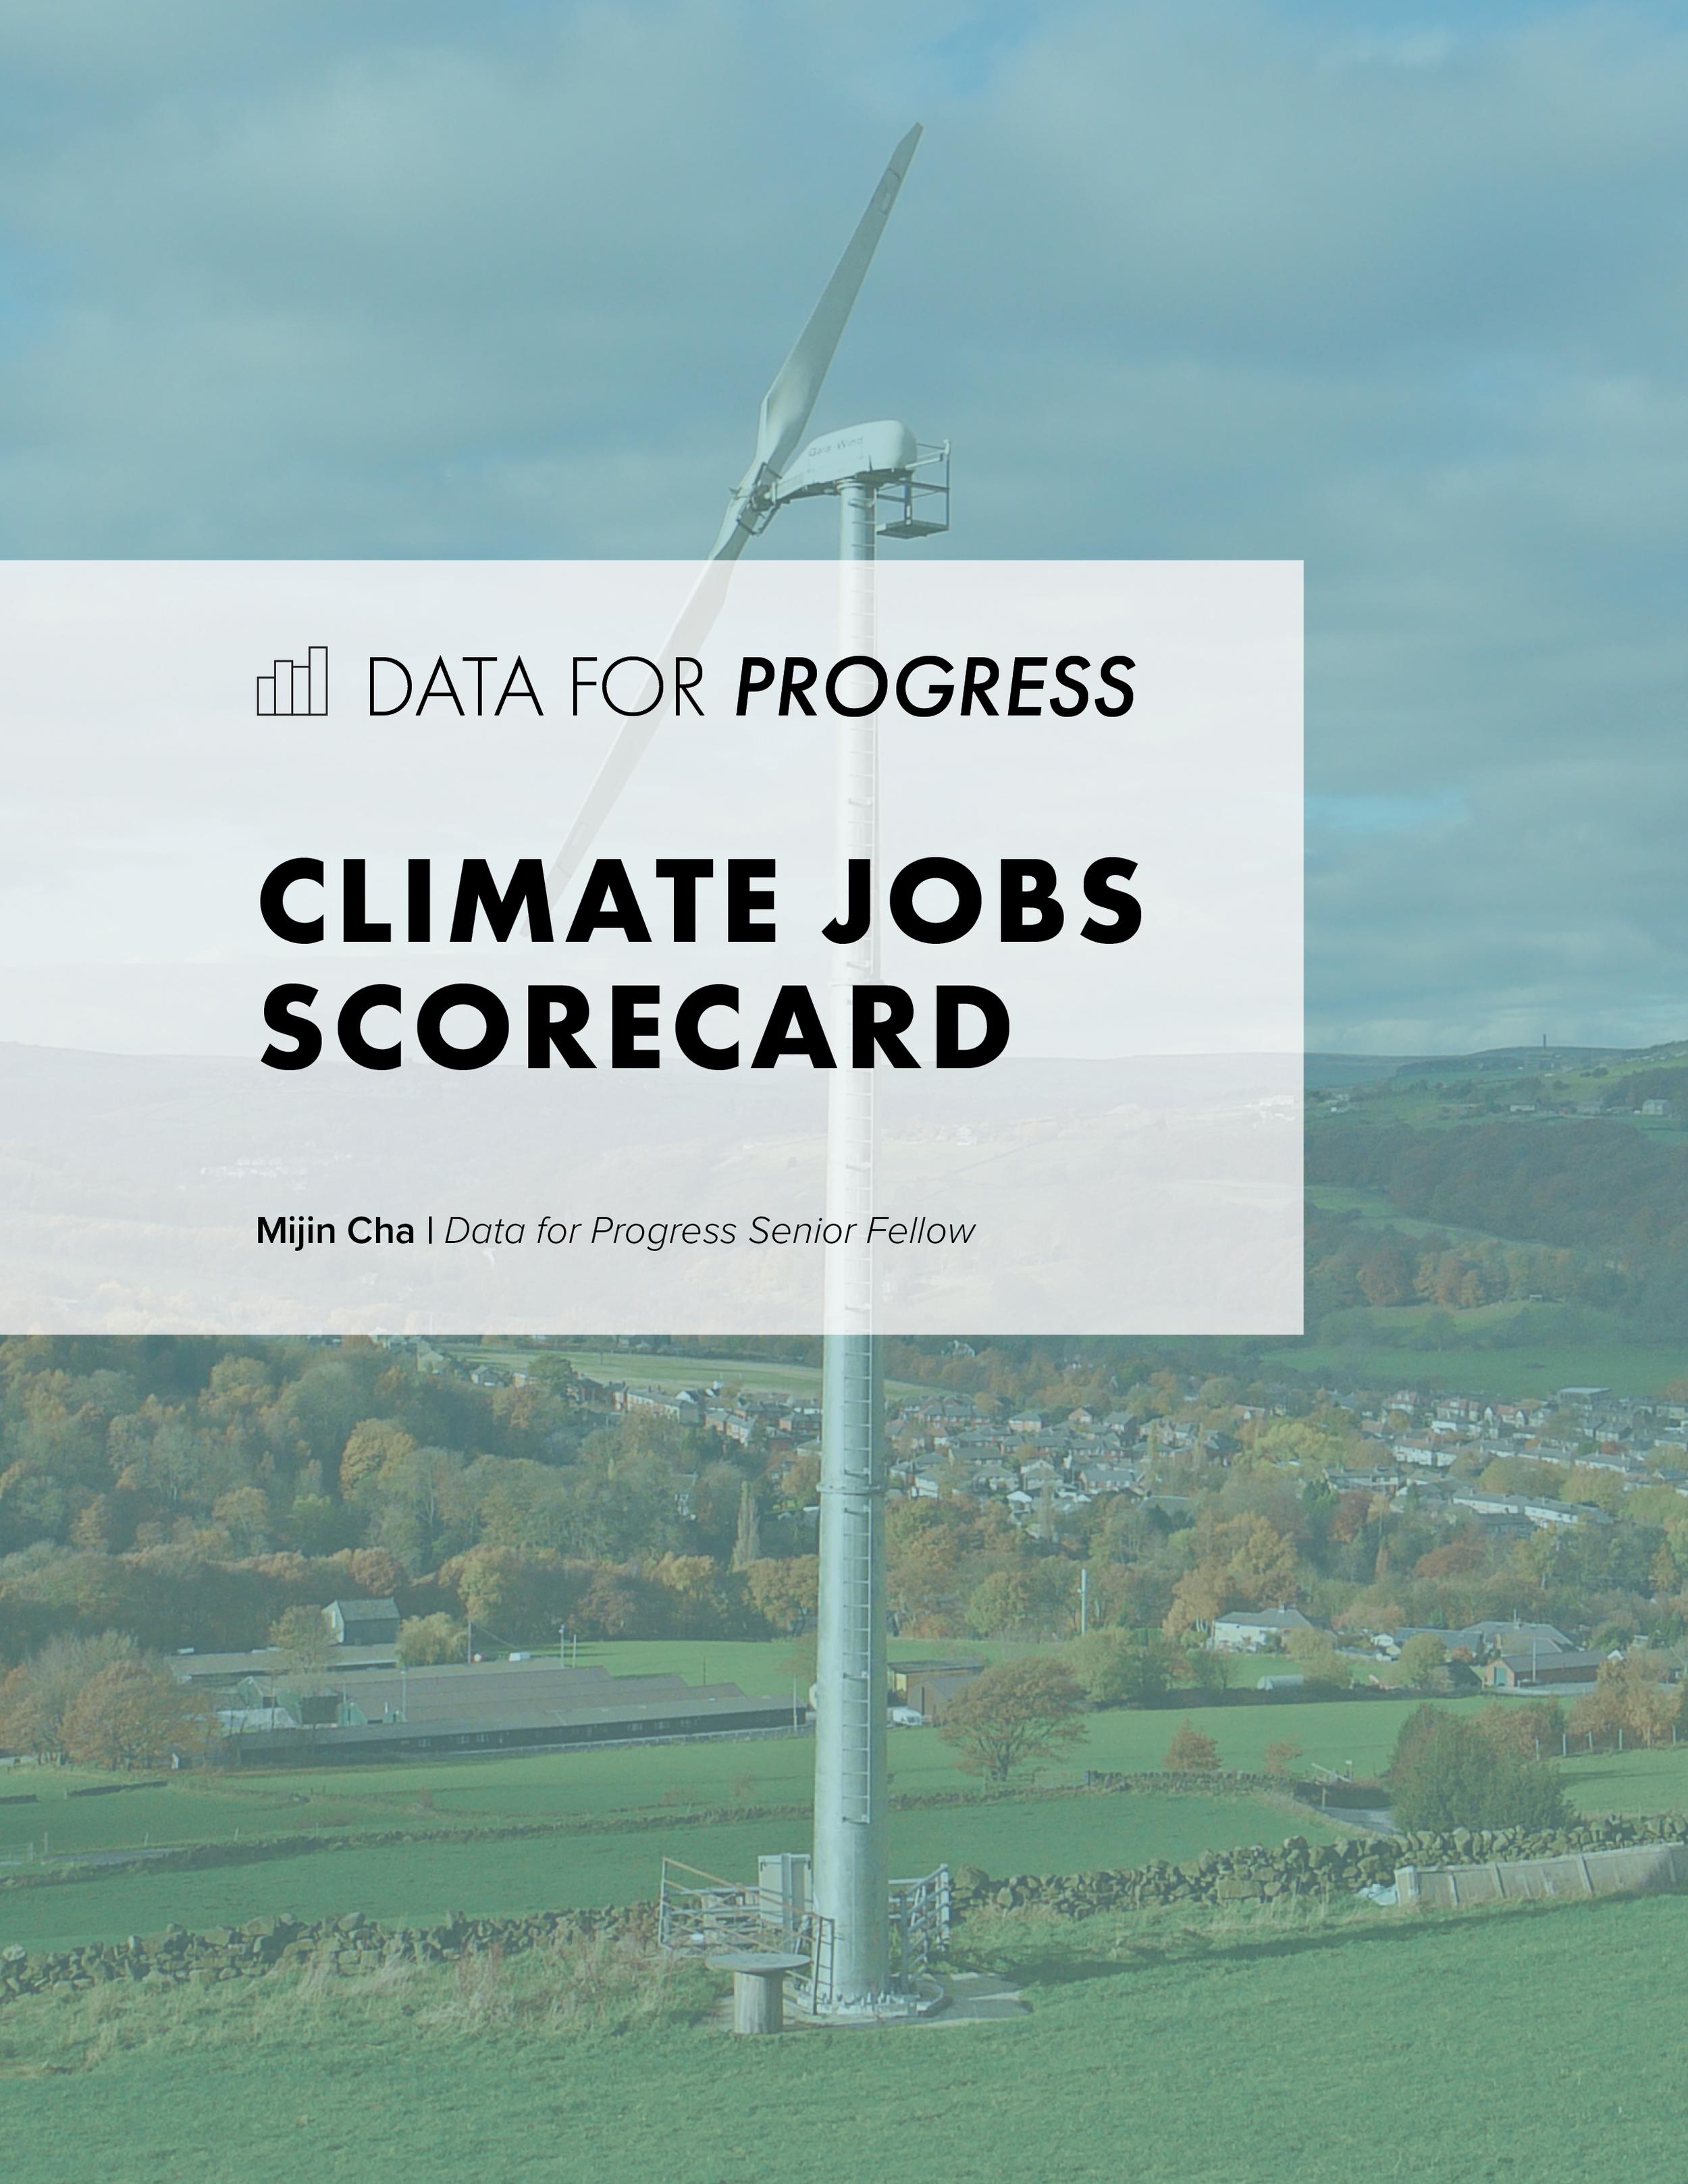 ClimateJobsScorecard_GND_COVER_v1.png